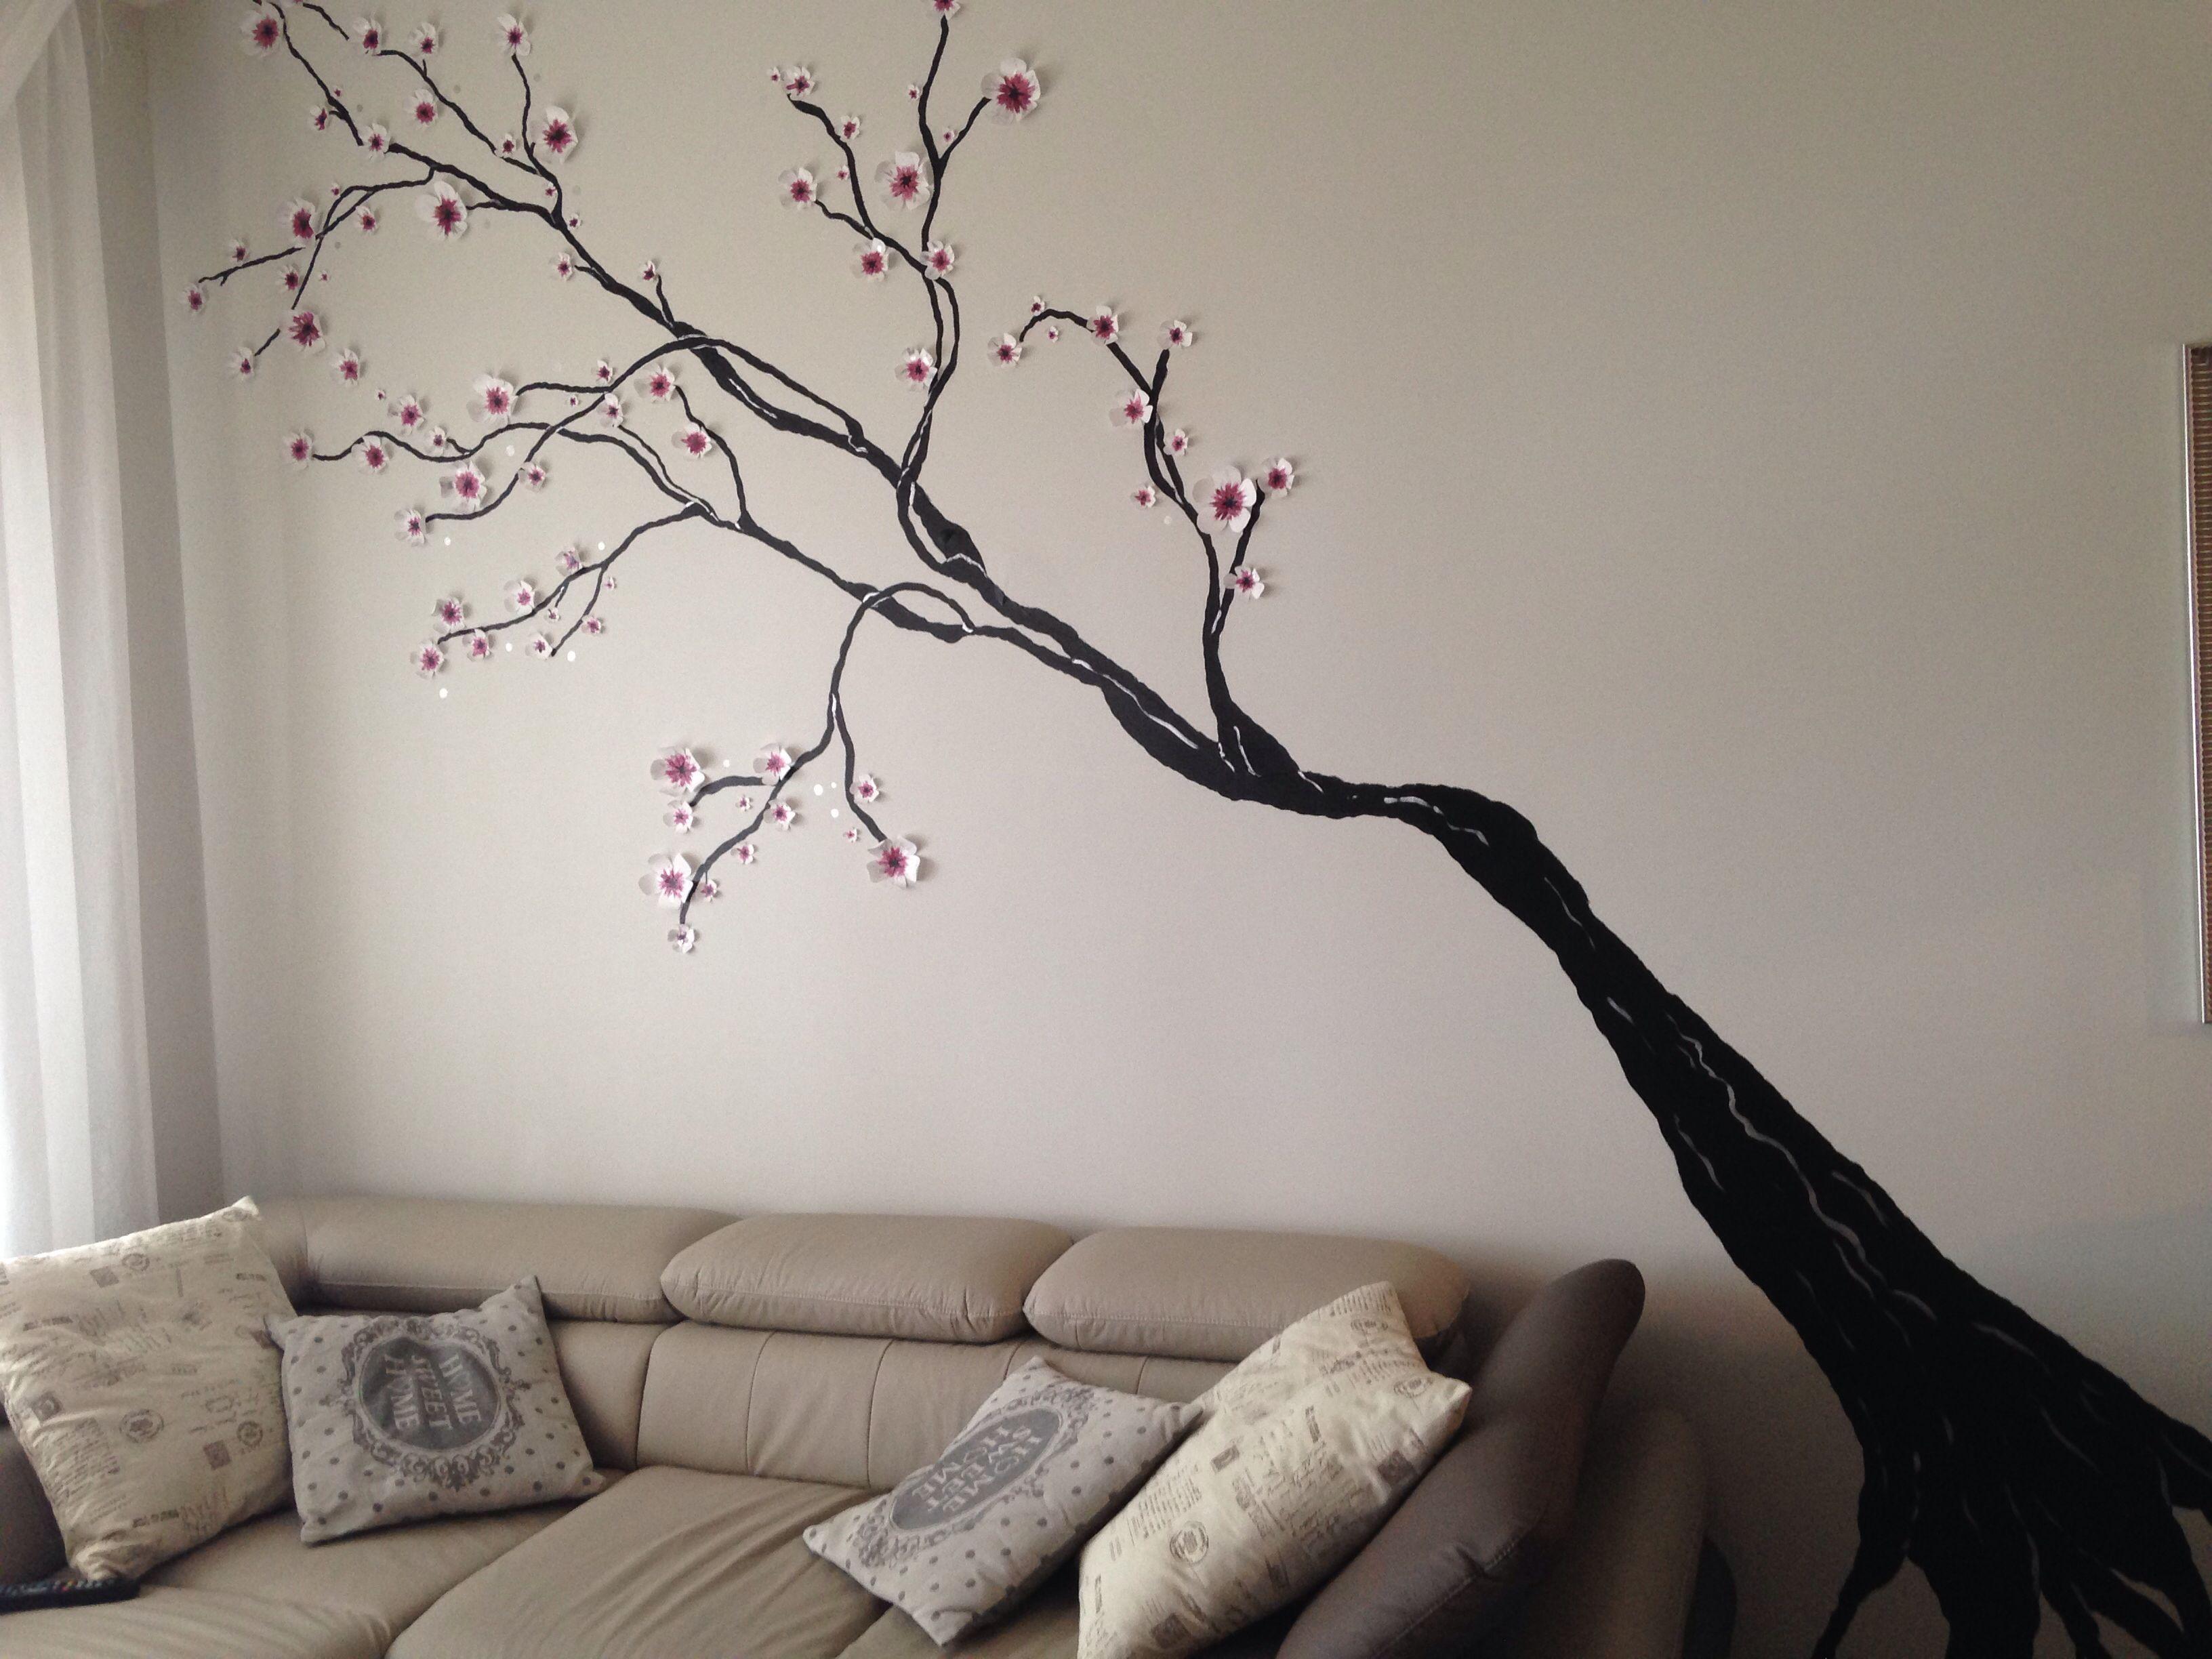 Disegni Sui Muri Di Casa disegni sui muri (con immagini) | arredamento, design, muri